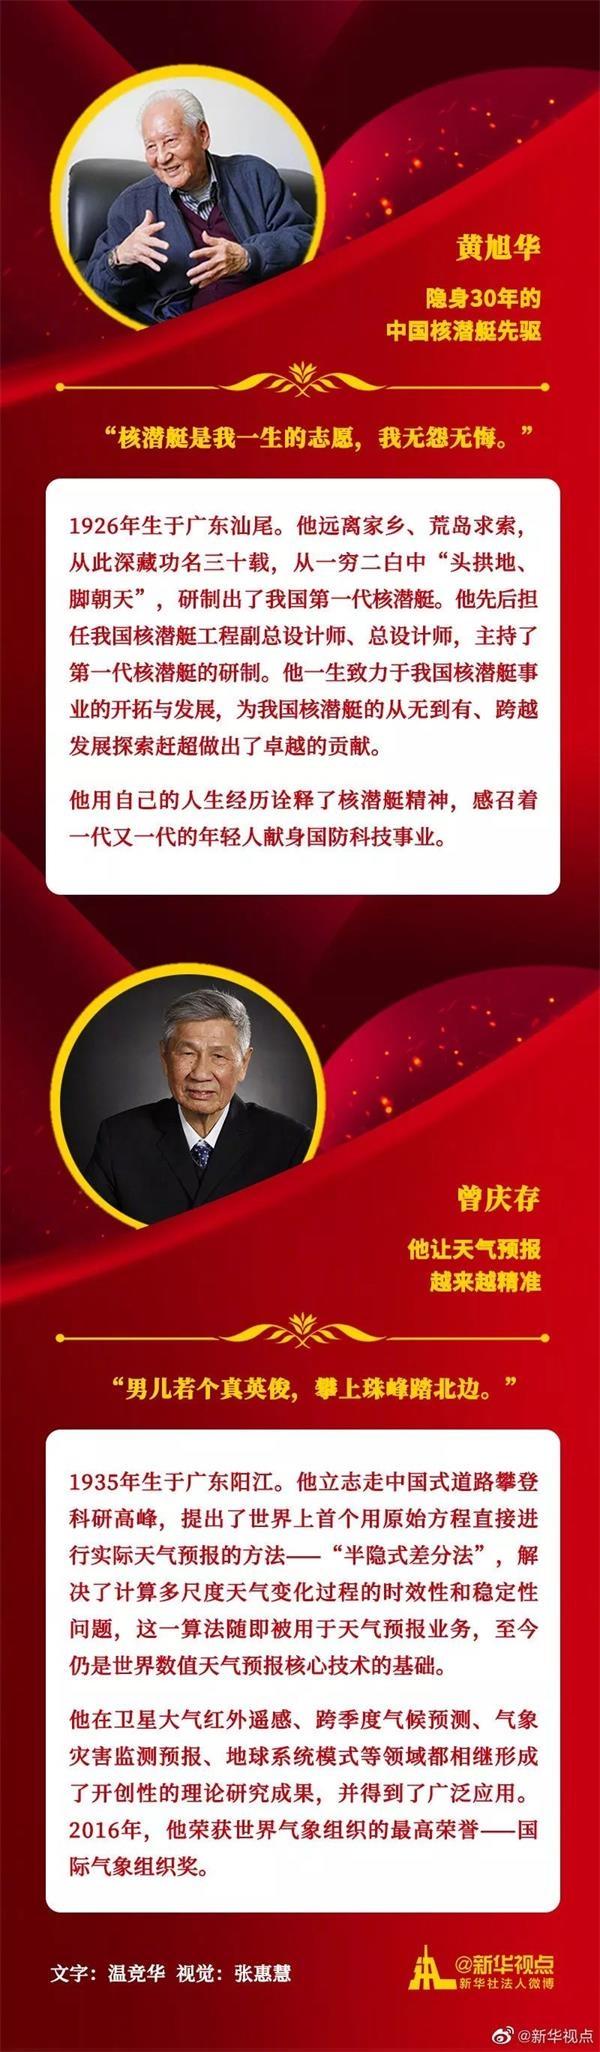 这才是顶流!中国科技大奖揭晓 两位粤籍科学家获最高奖 核潜艇、气象研究…296个项目涉及30多家上市公司